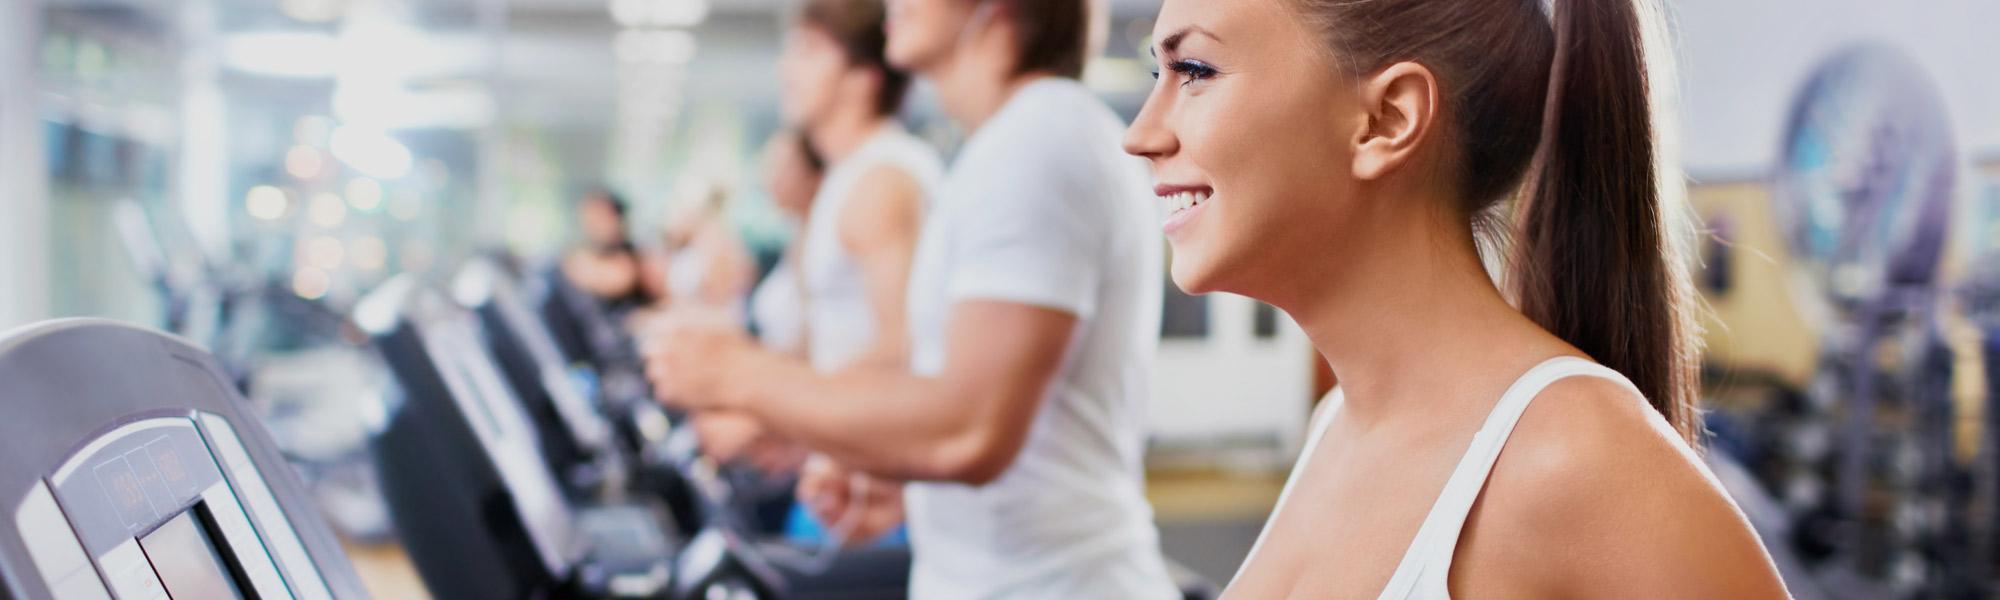 Contact MegaFitness Gym